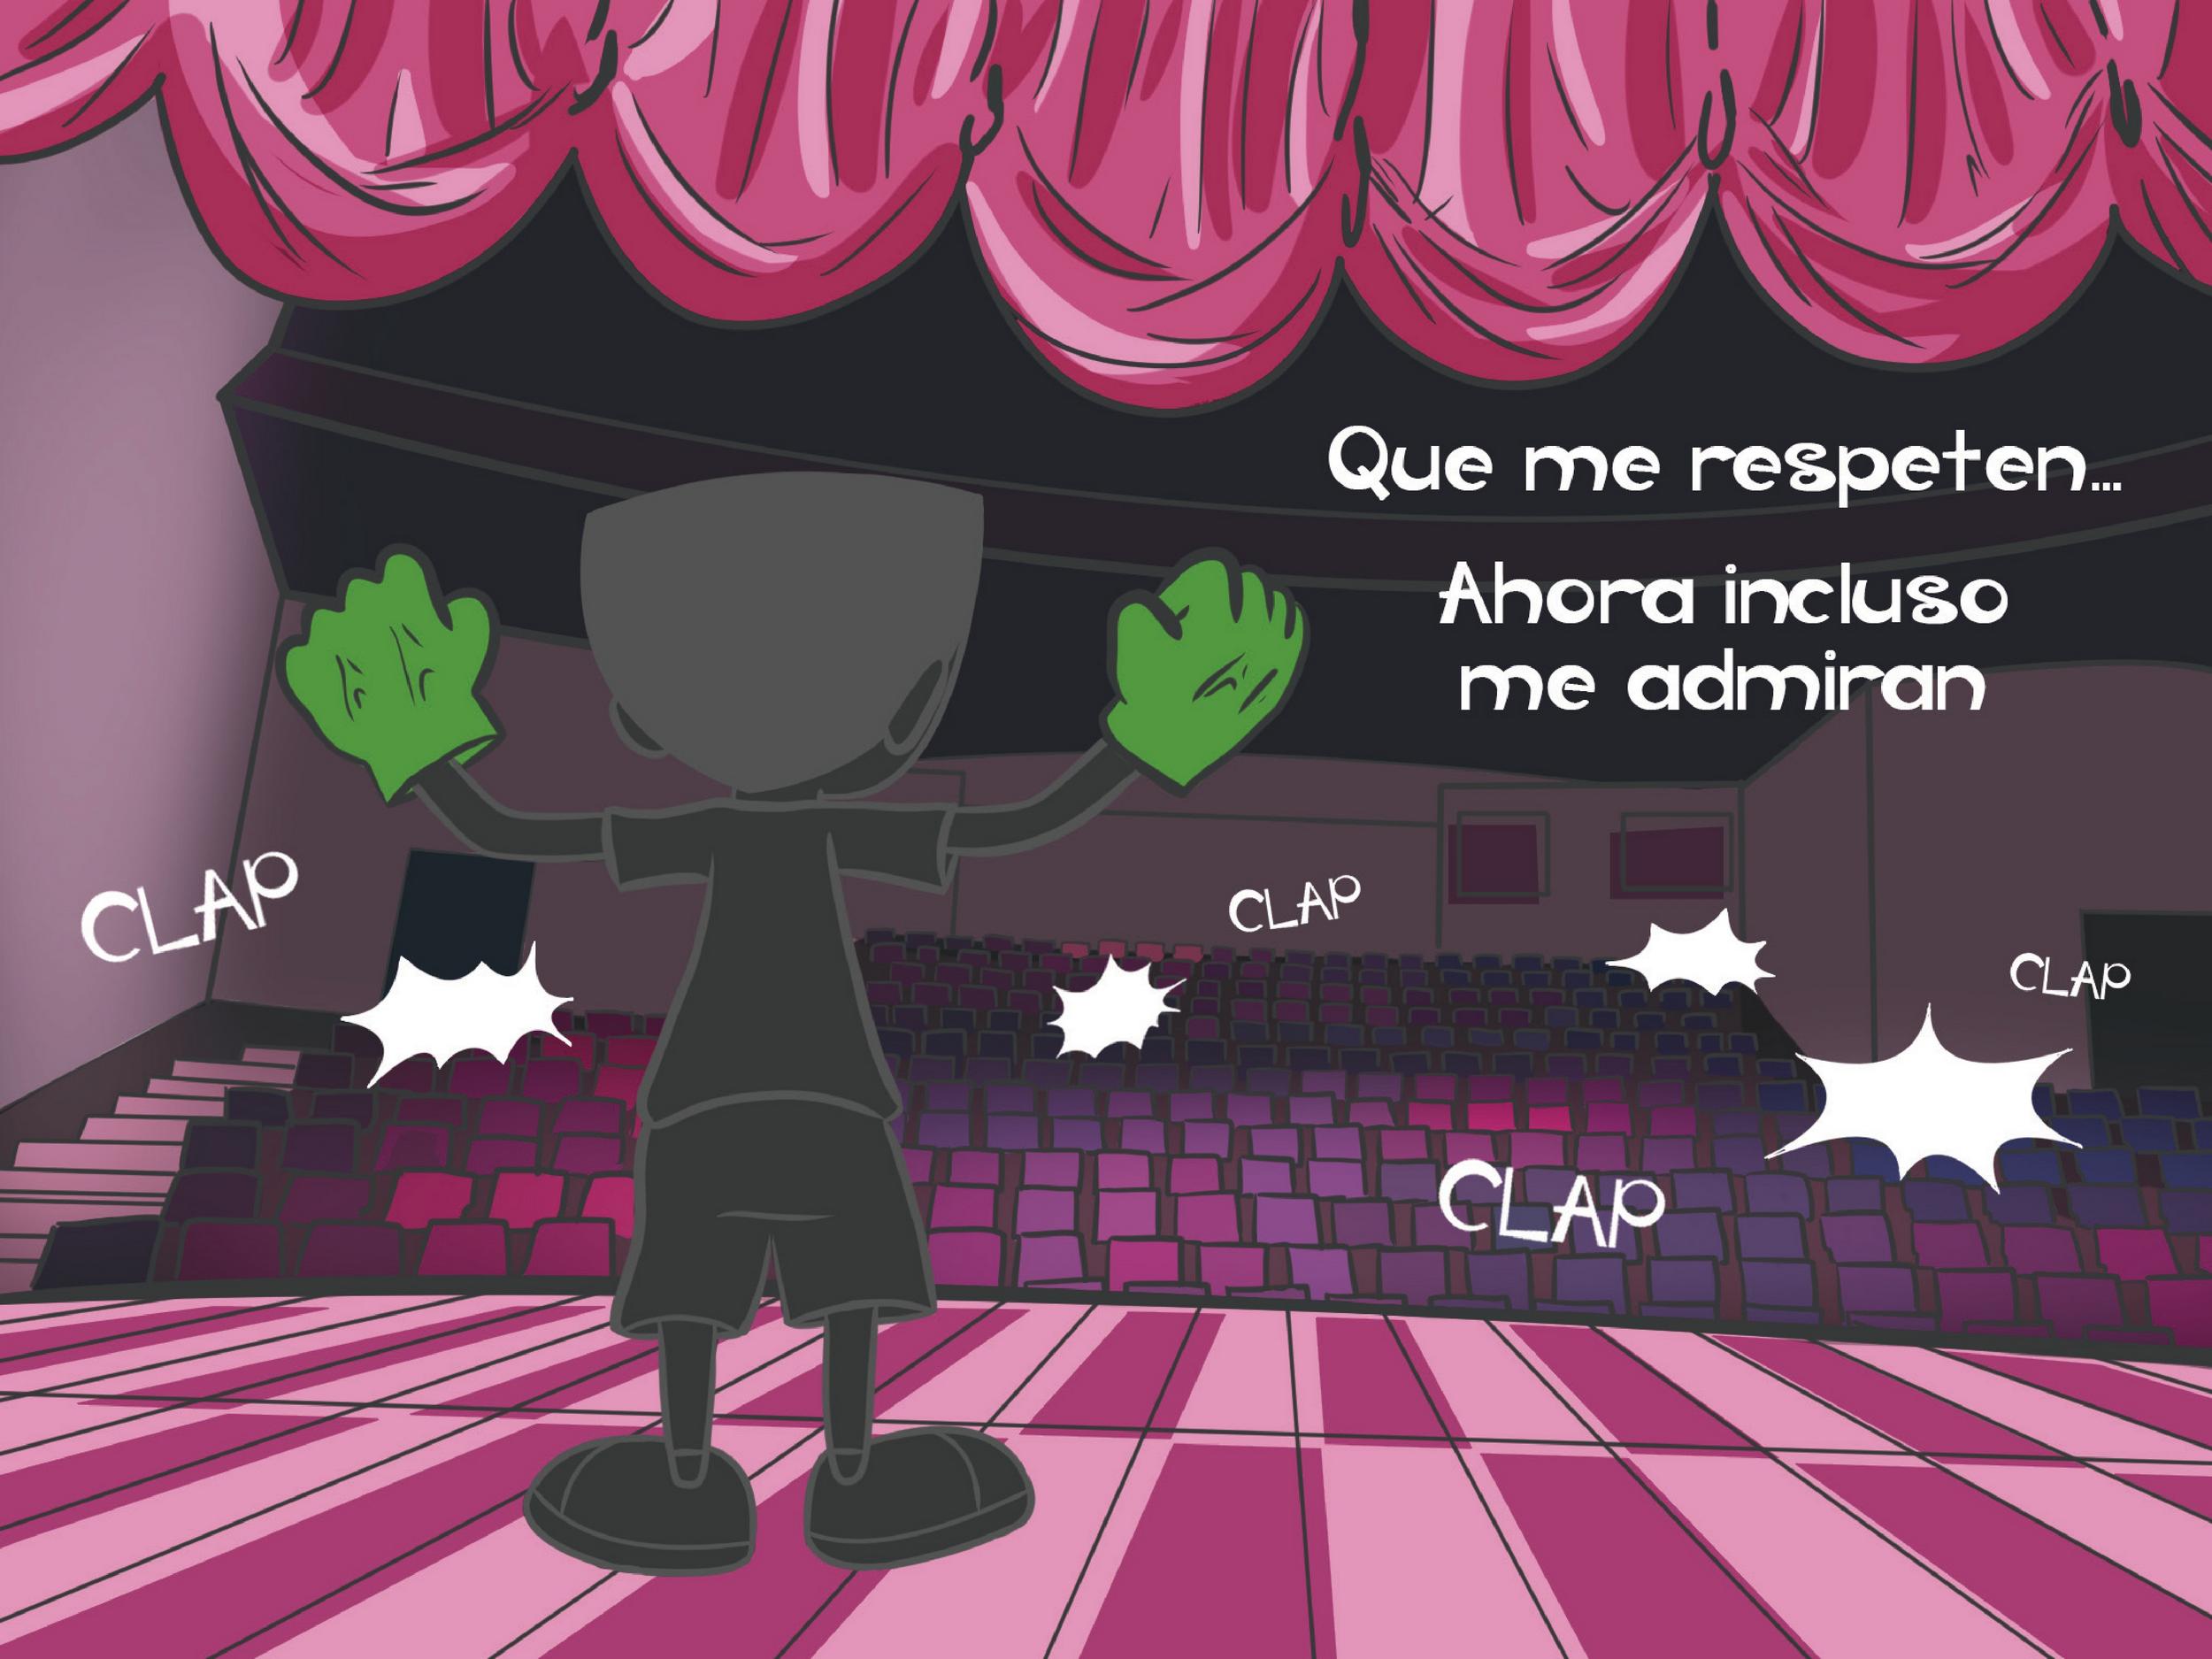 El_niño_puños_Hulk_Javi_Fernandez_Mañas_El niño con los puños de Hulk_page-0007_2500_0007